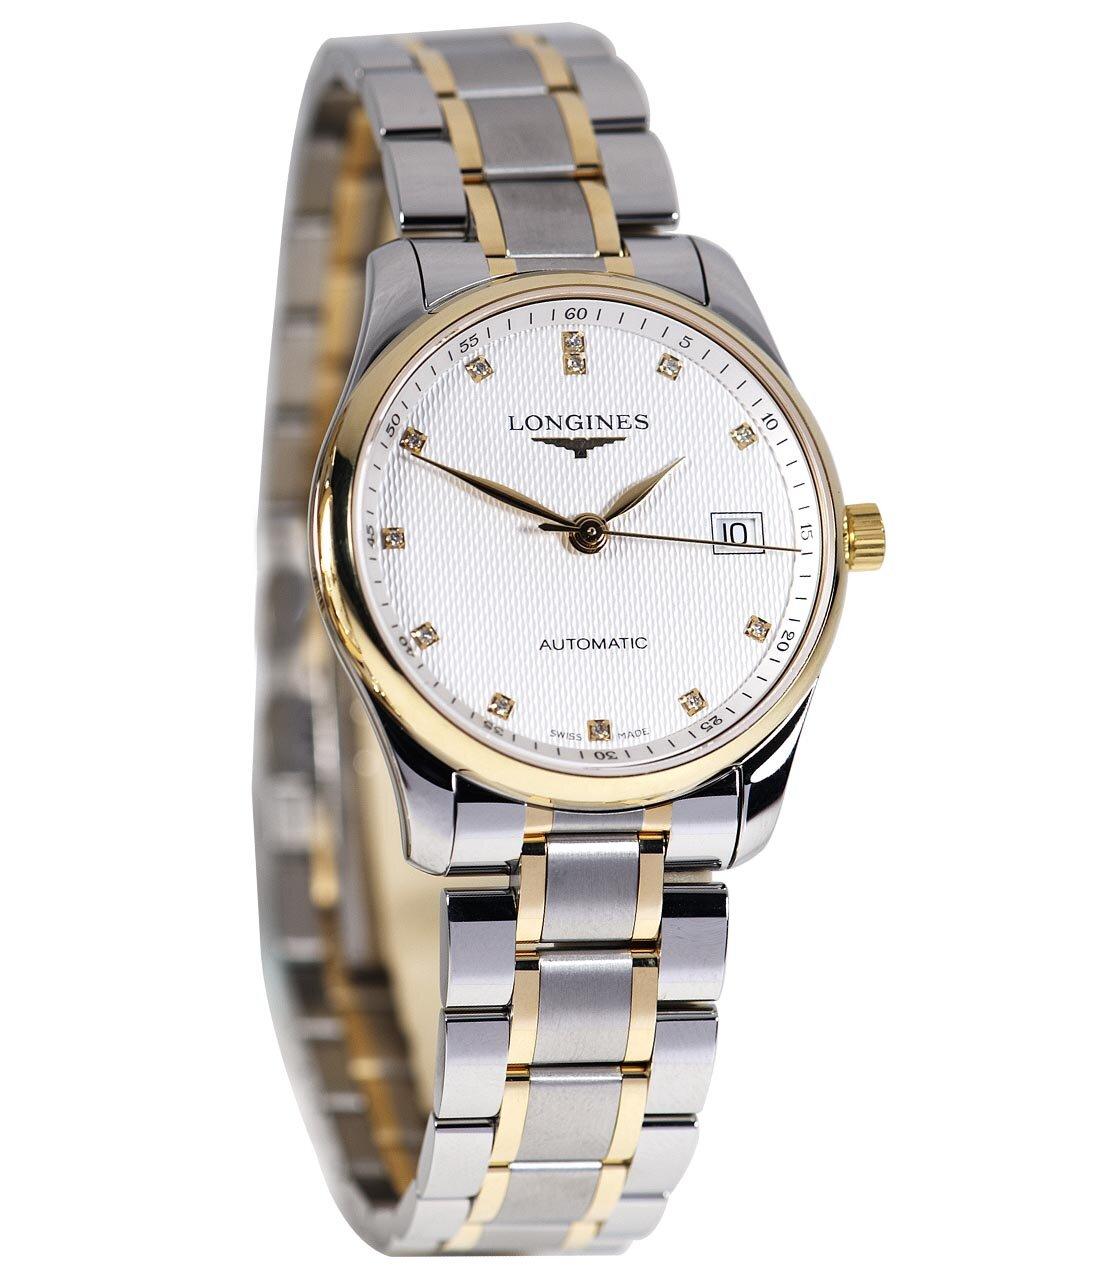 Đồng hồ nam Longines L.2.518.5.77.7